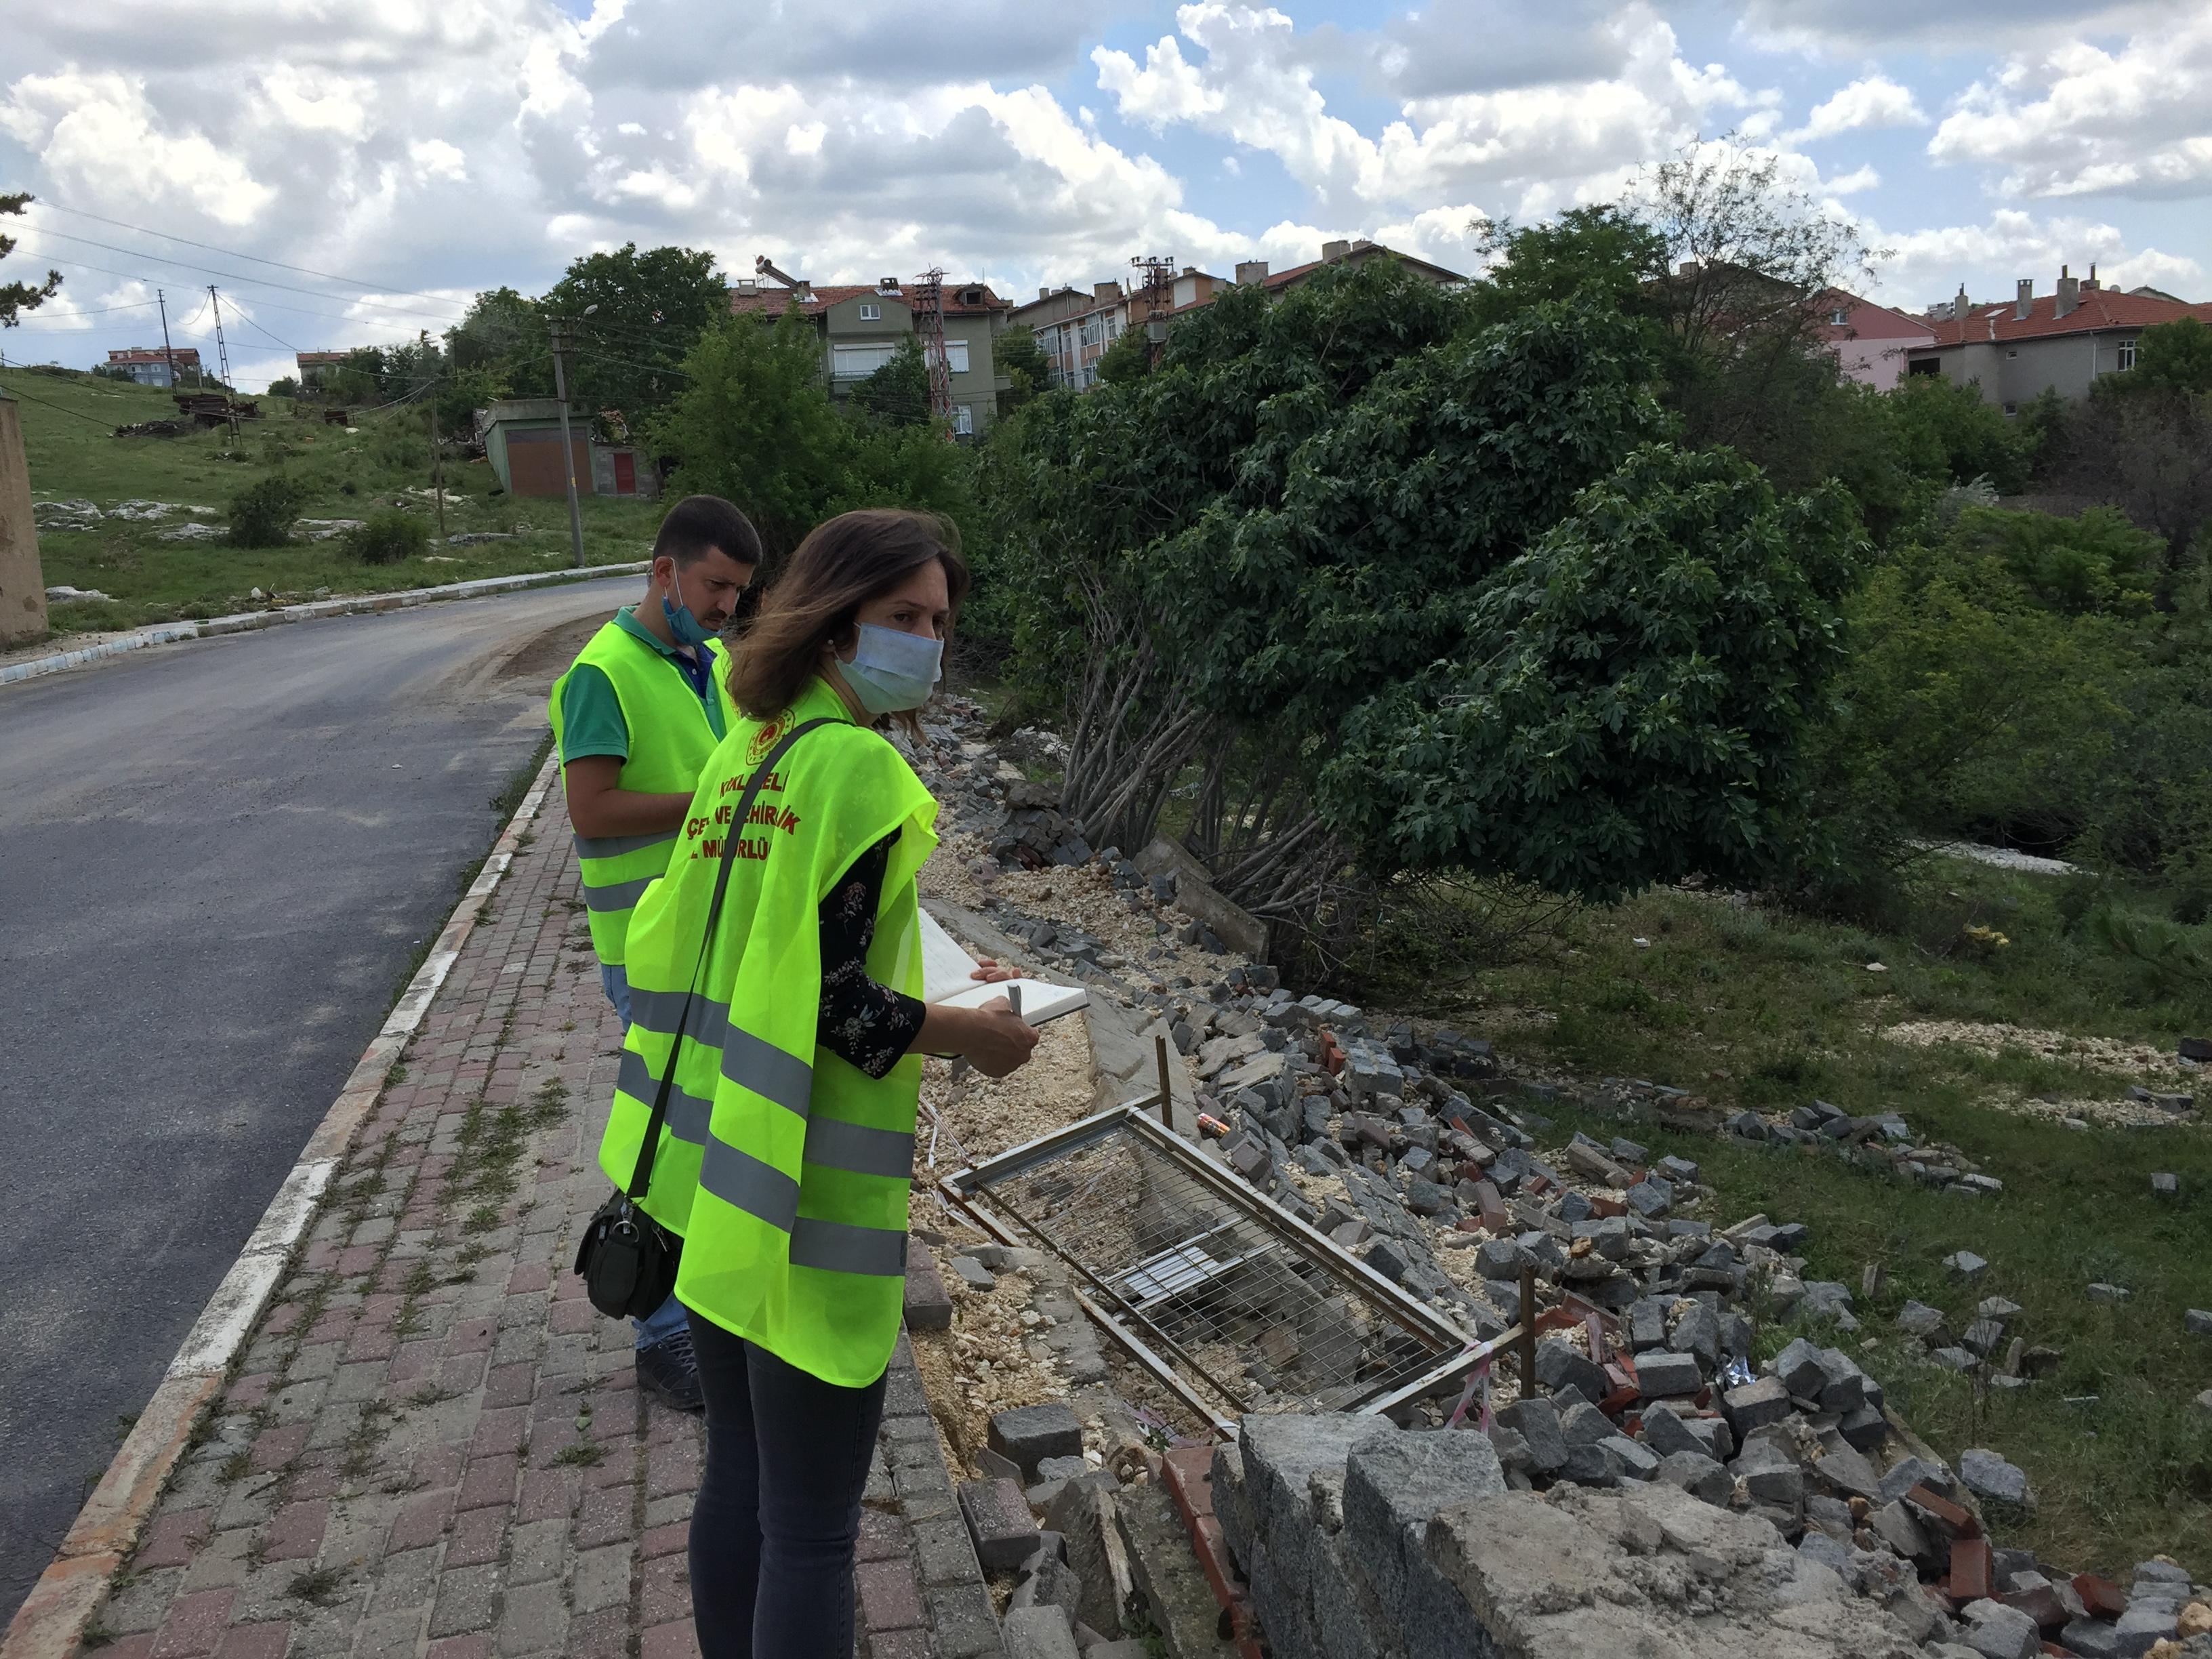 21.06.2020 Tarihinde İlimiz Pınarhisar İlçesinde meydana gelen afet sonrasında Müdürlüğümüz personeli…